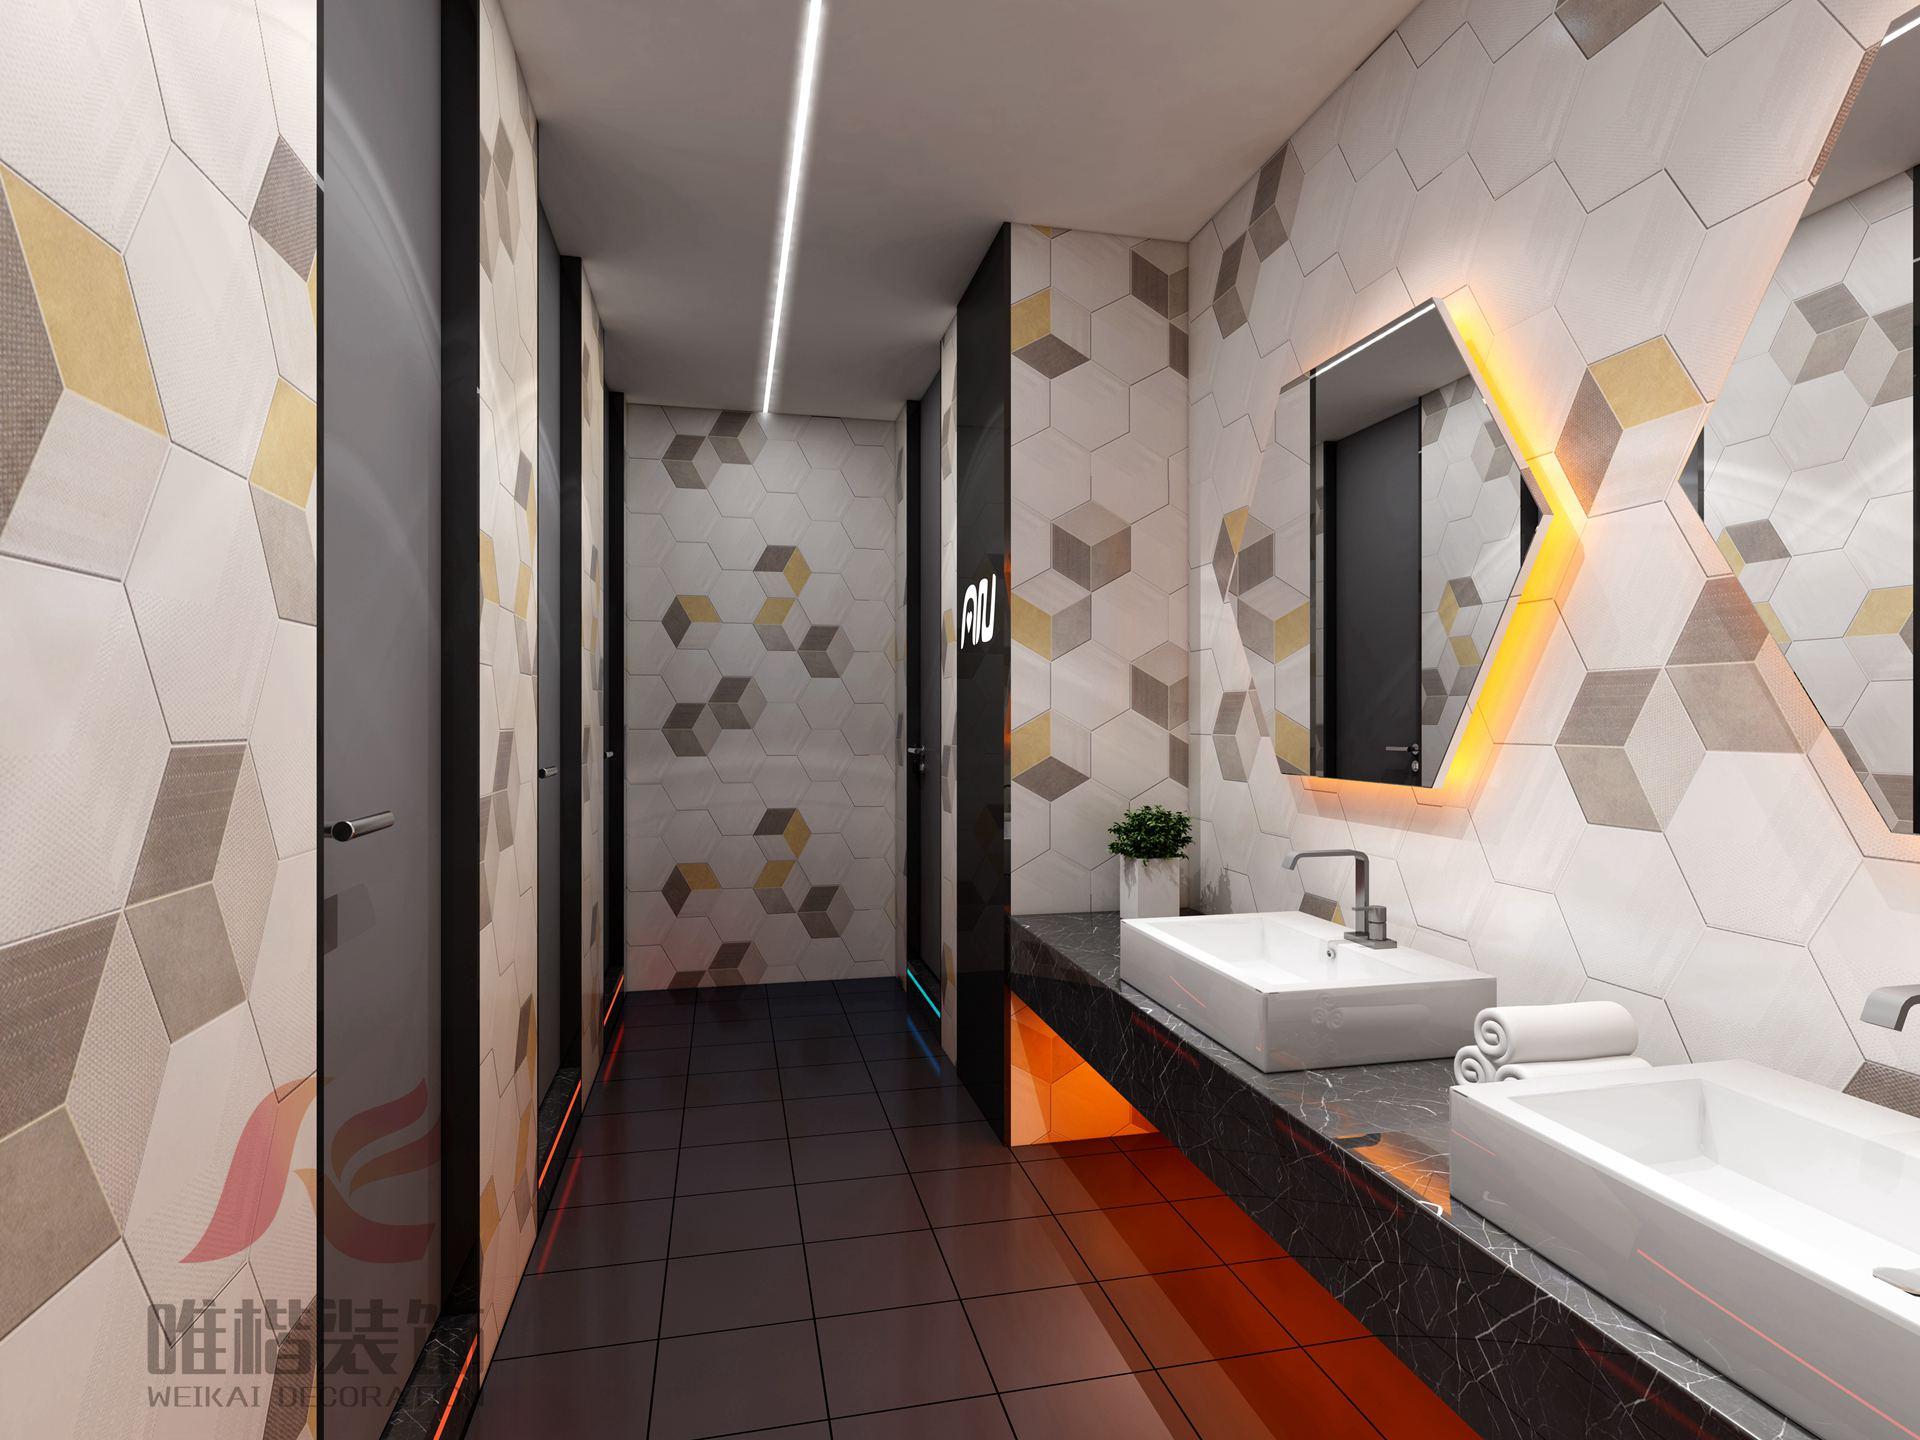 重庆网吧卫生间漏水原因  网吧卫生间漏水怎么办?